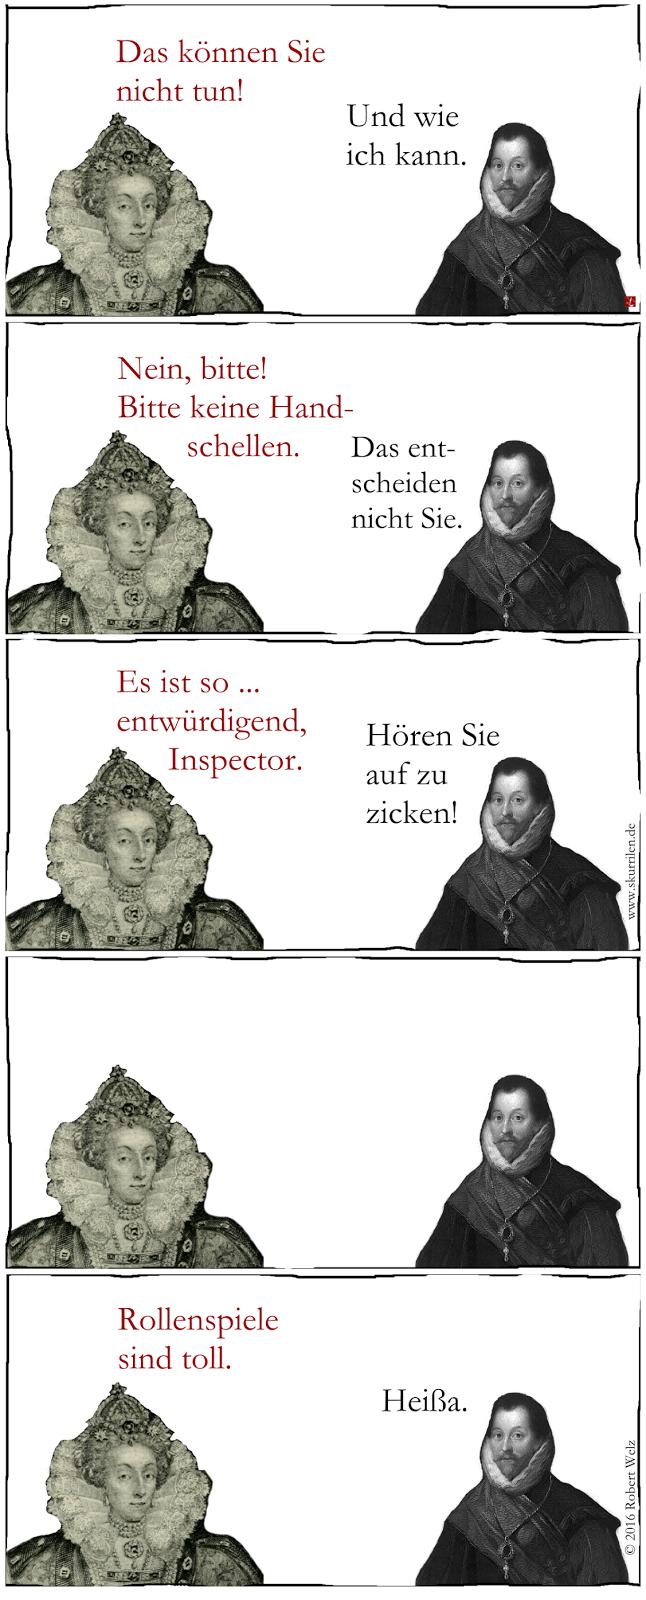 Liebe im England des 16. Jahrhunderts. Queen Elisabeth I. und ihr Pirat Sir Francis Drake gönnen sich gelegentlich kleine Fluchten aus dem Alltag.